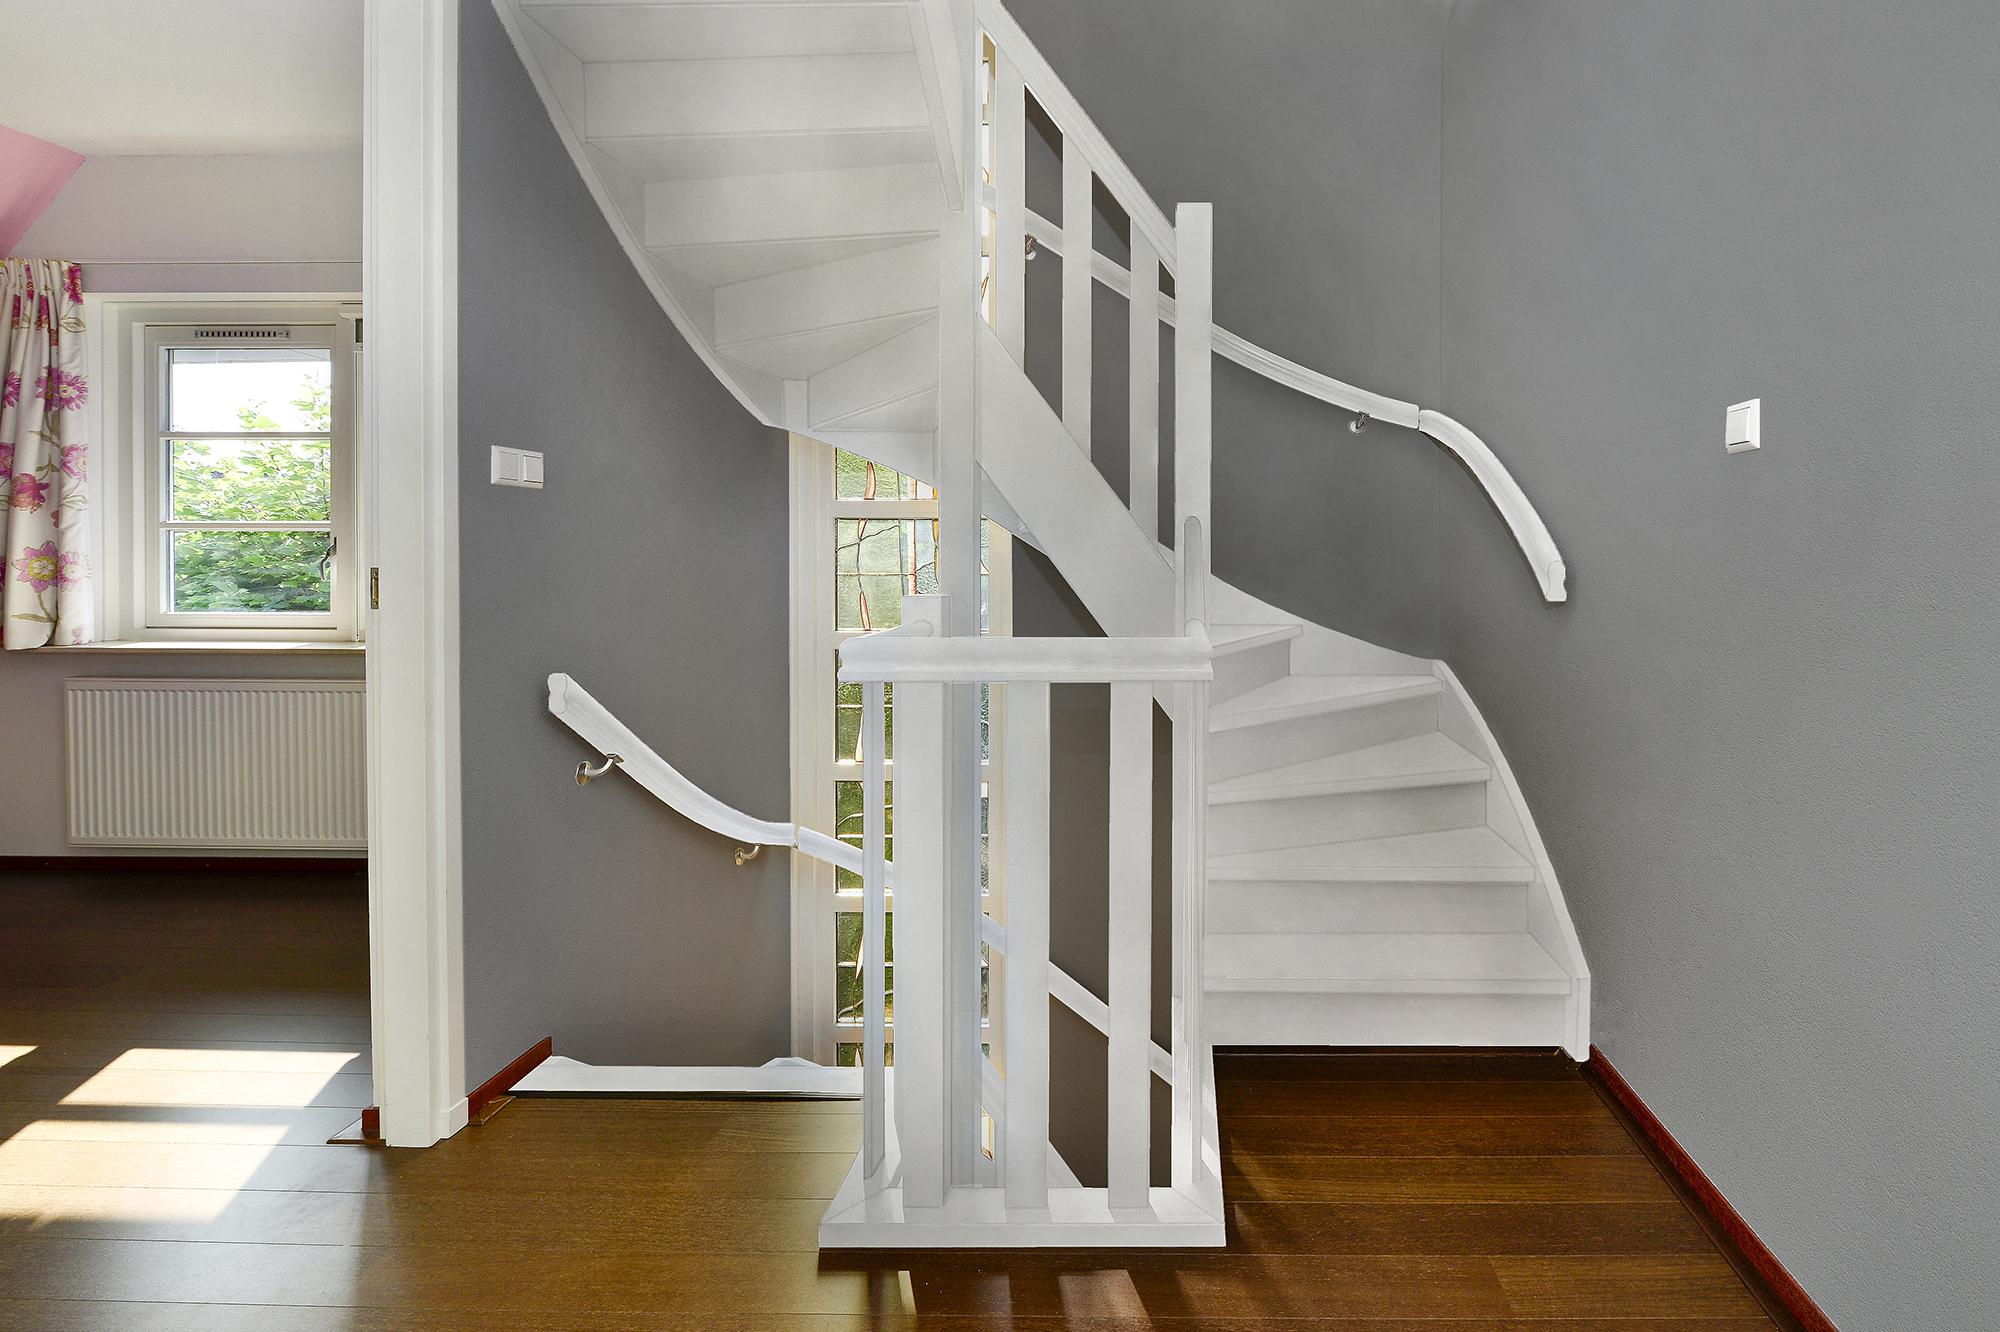 Casa interior arquitetura marketing imobiliario Signimo fotografia drone